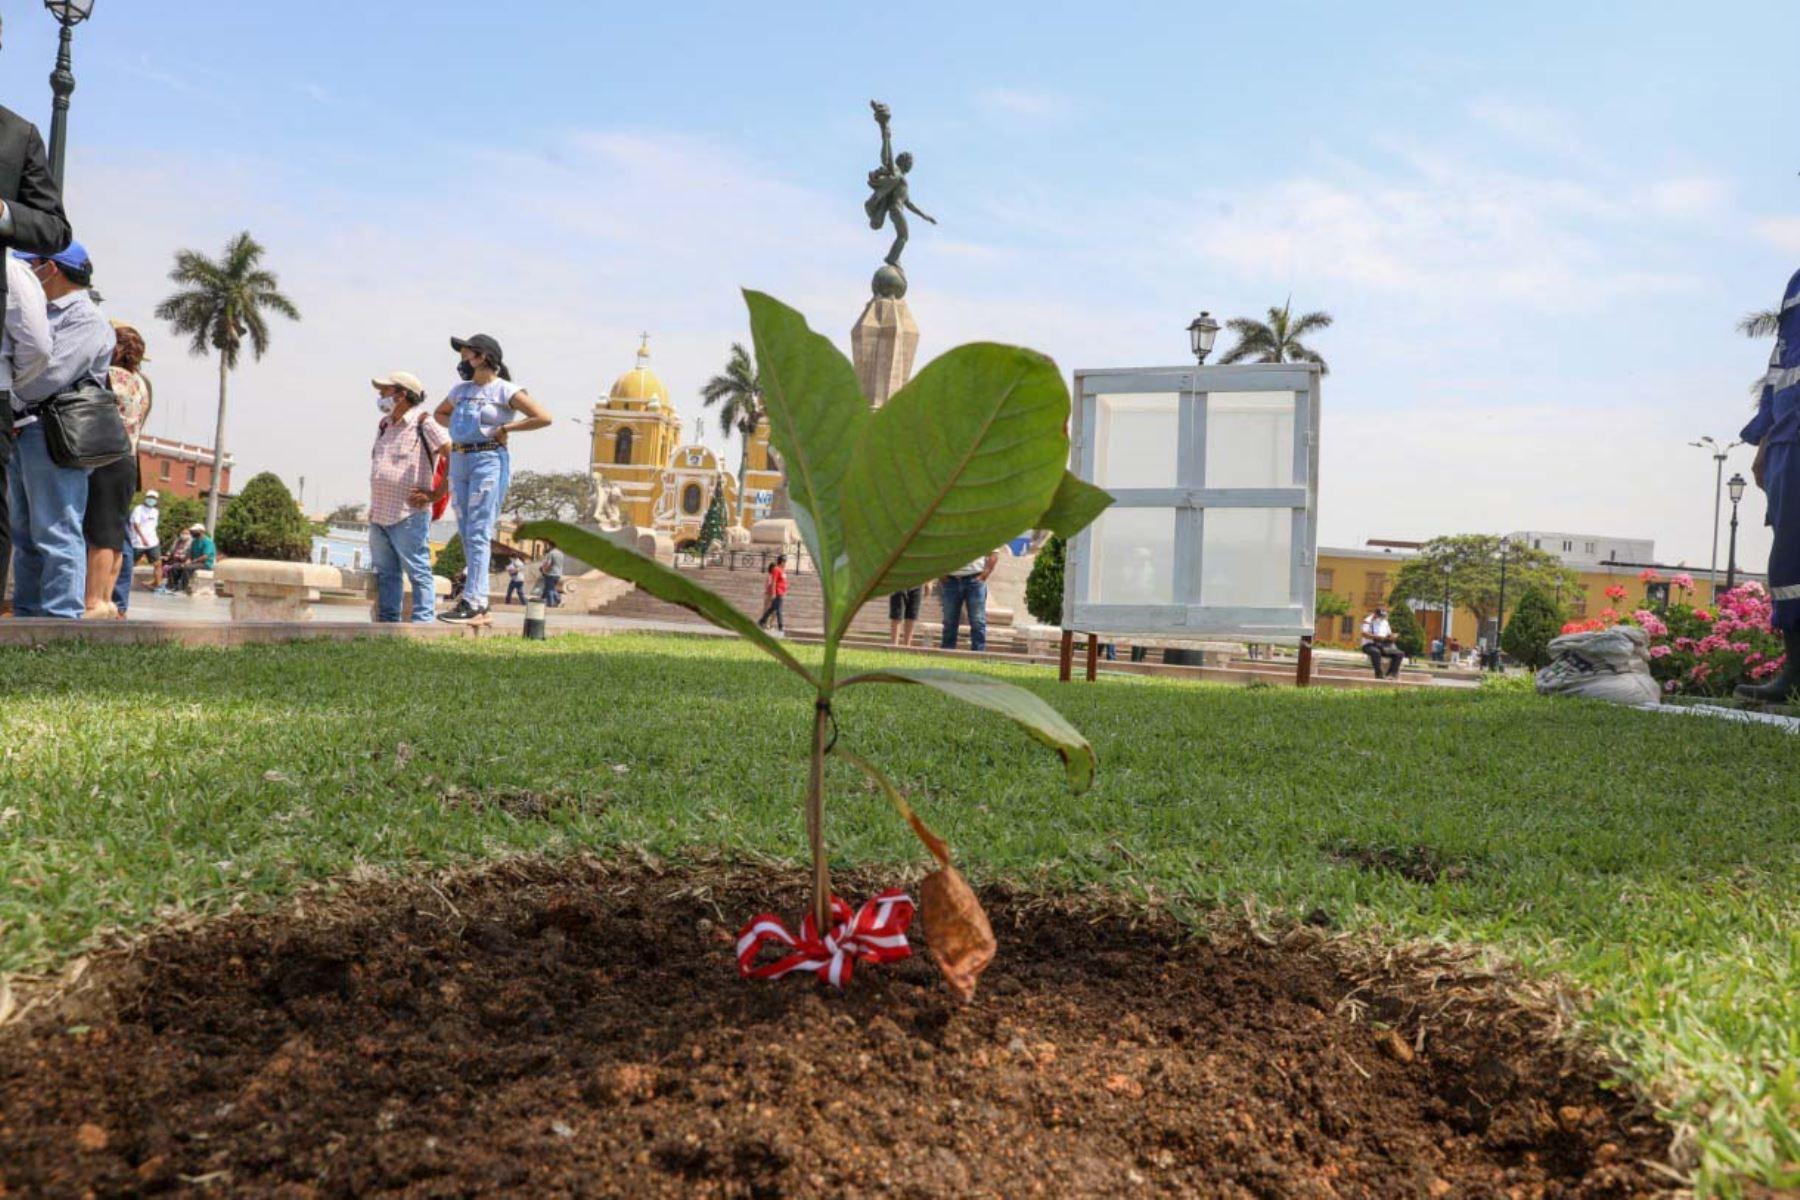 Siembran ejemplar del árbol de la quina en plaza de Armas de la ciudad de Trujillo, capital de la región La Libertad. Foto: Cortesía Luis Puell